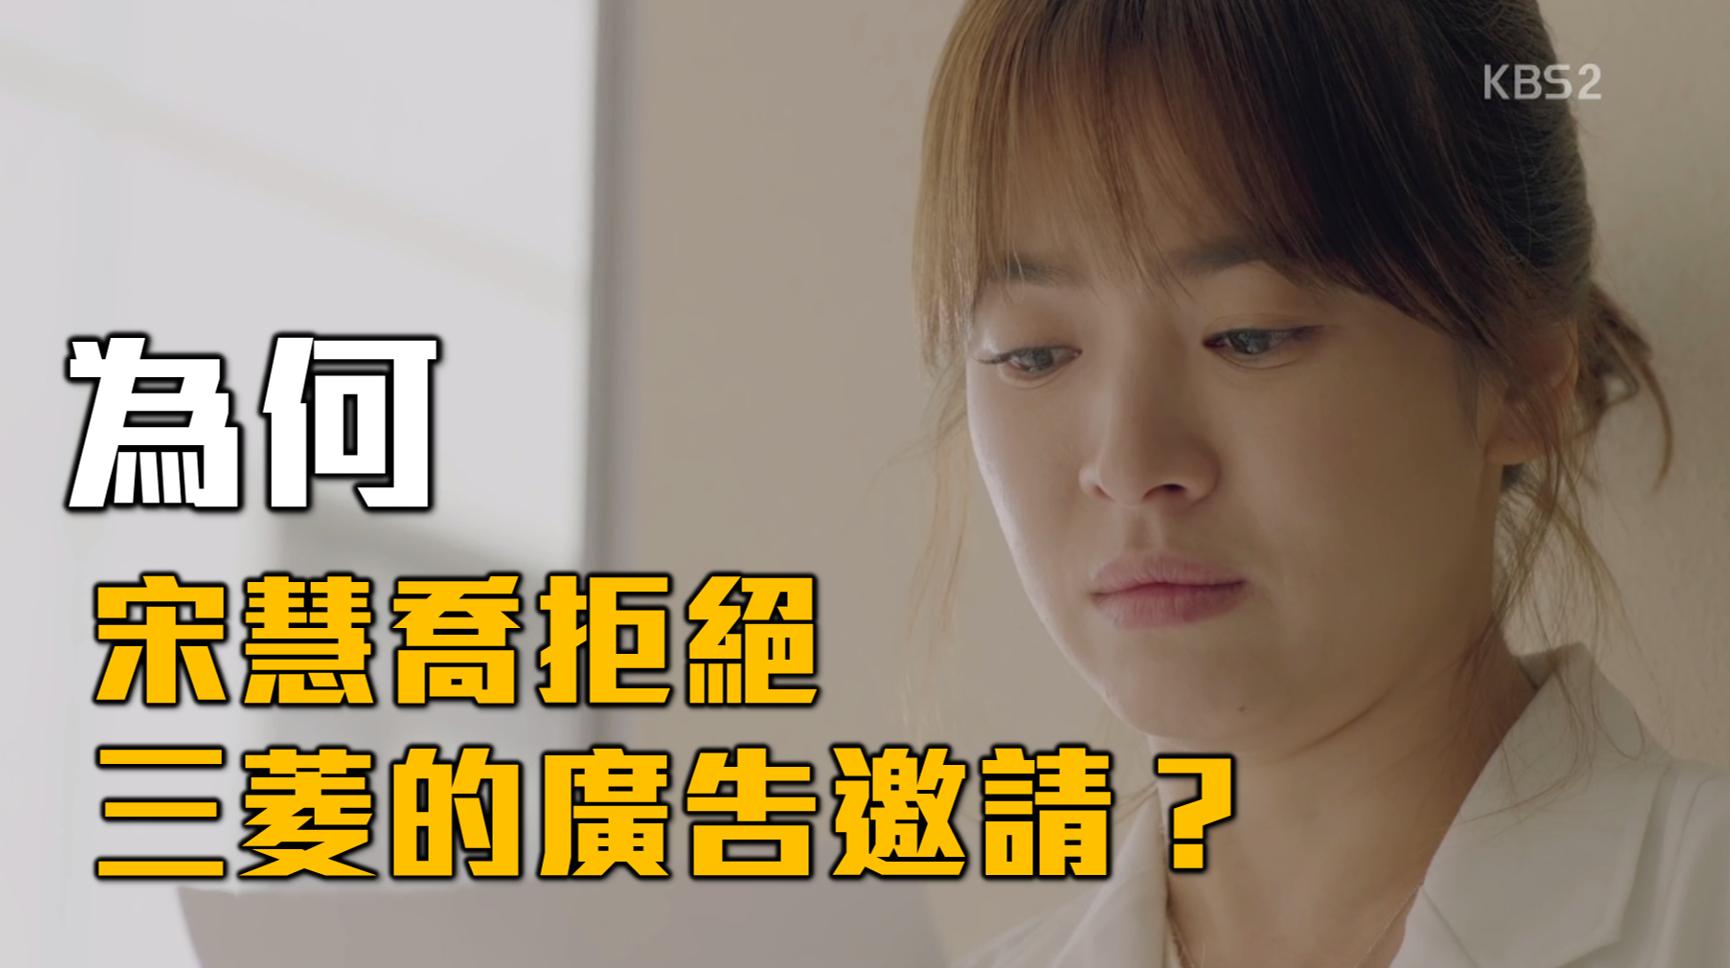 〈樂觀韓流〉為何宋慧喬拒絕「三菱」的廣告邀請?-鍾樂偉